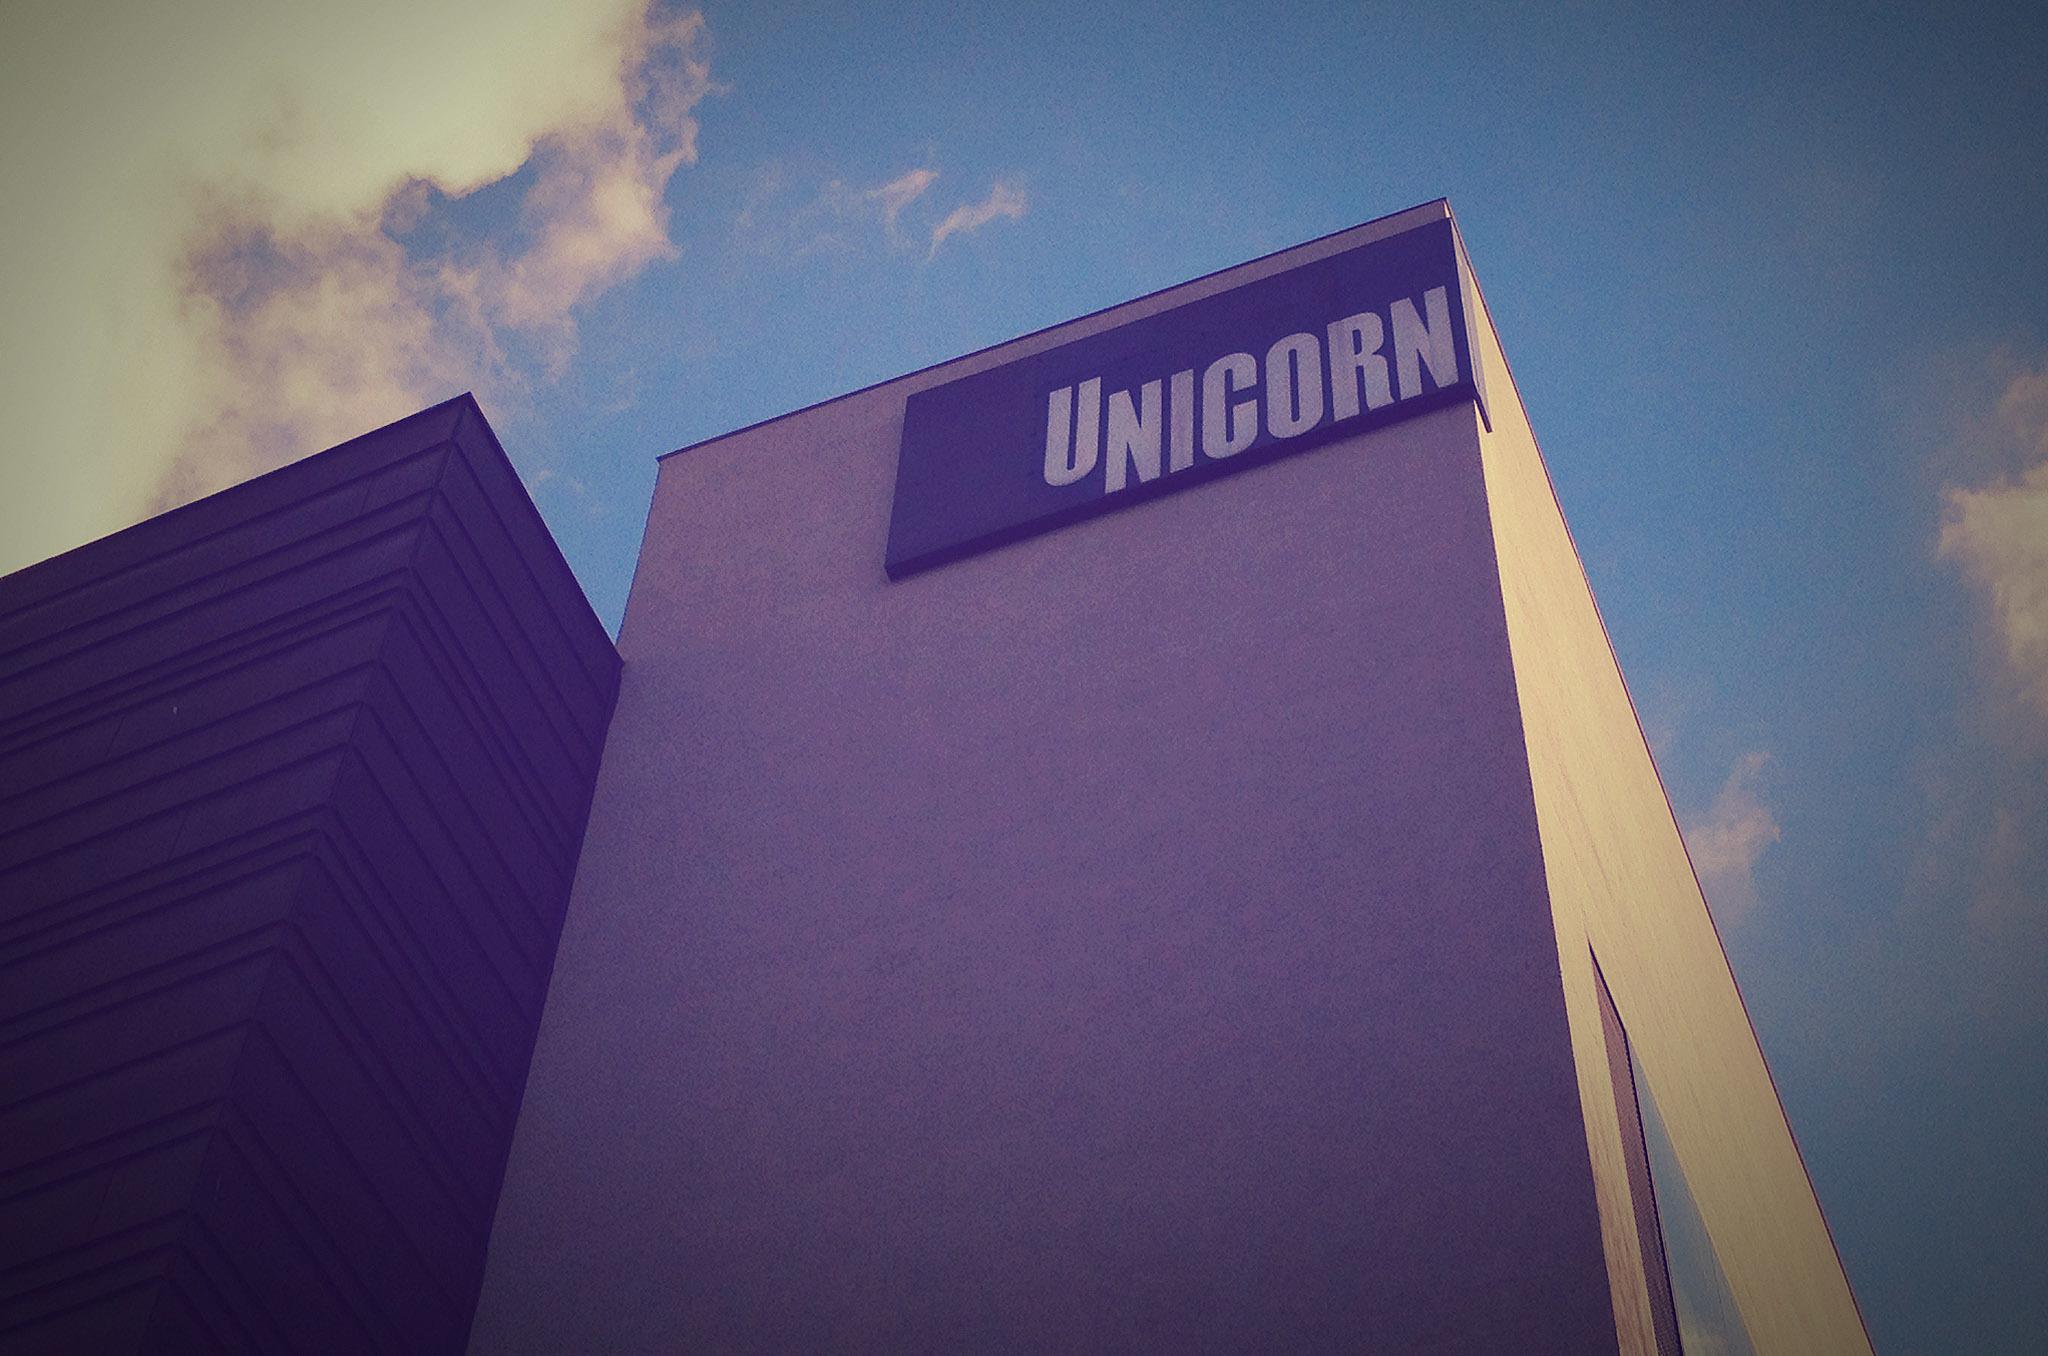 tocard_unicorntheatre_SE12HZ